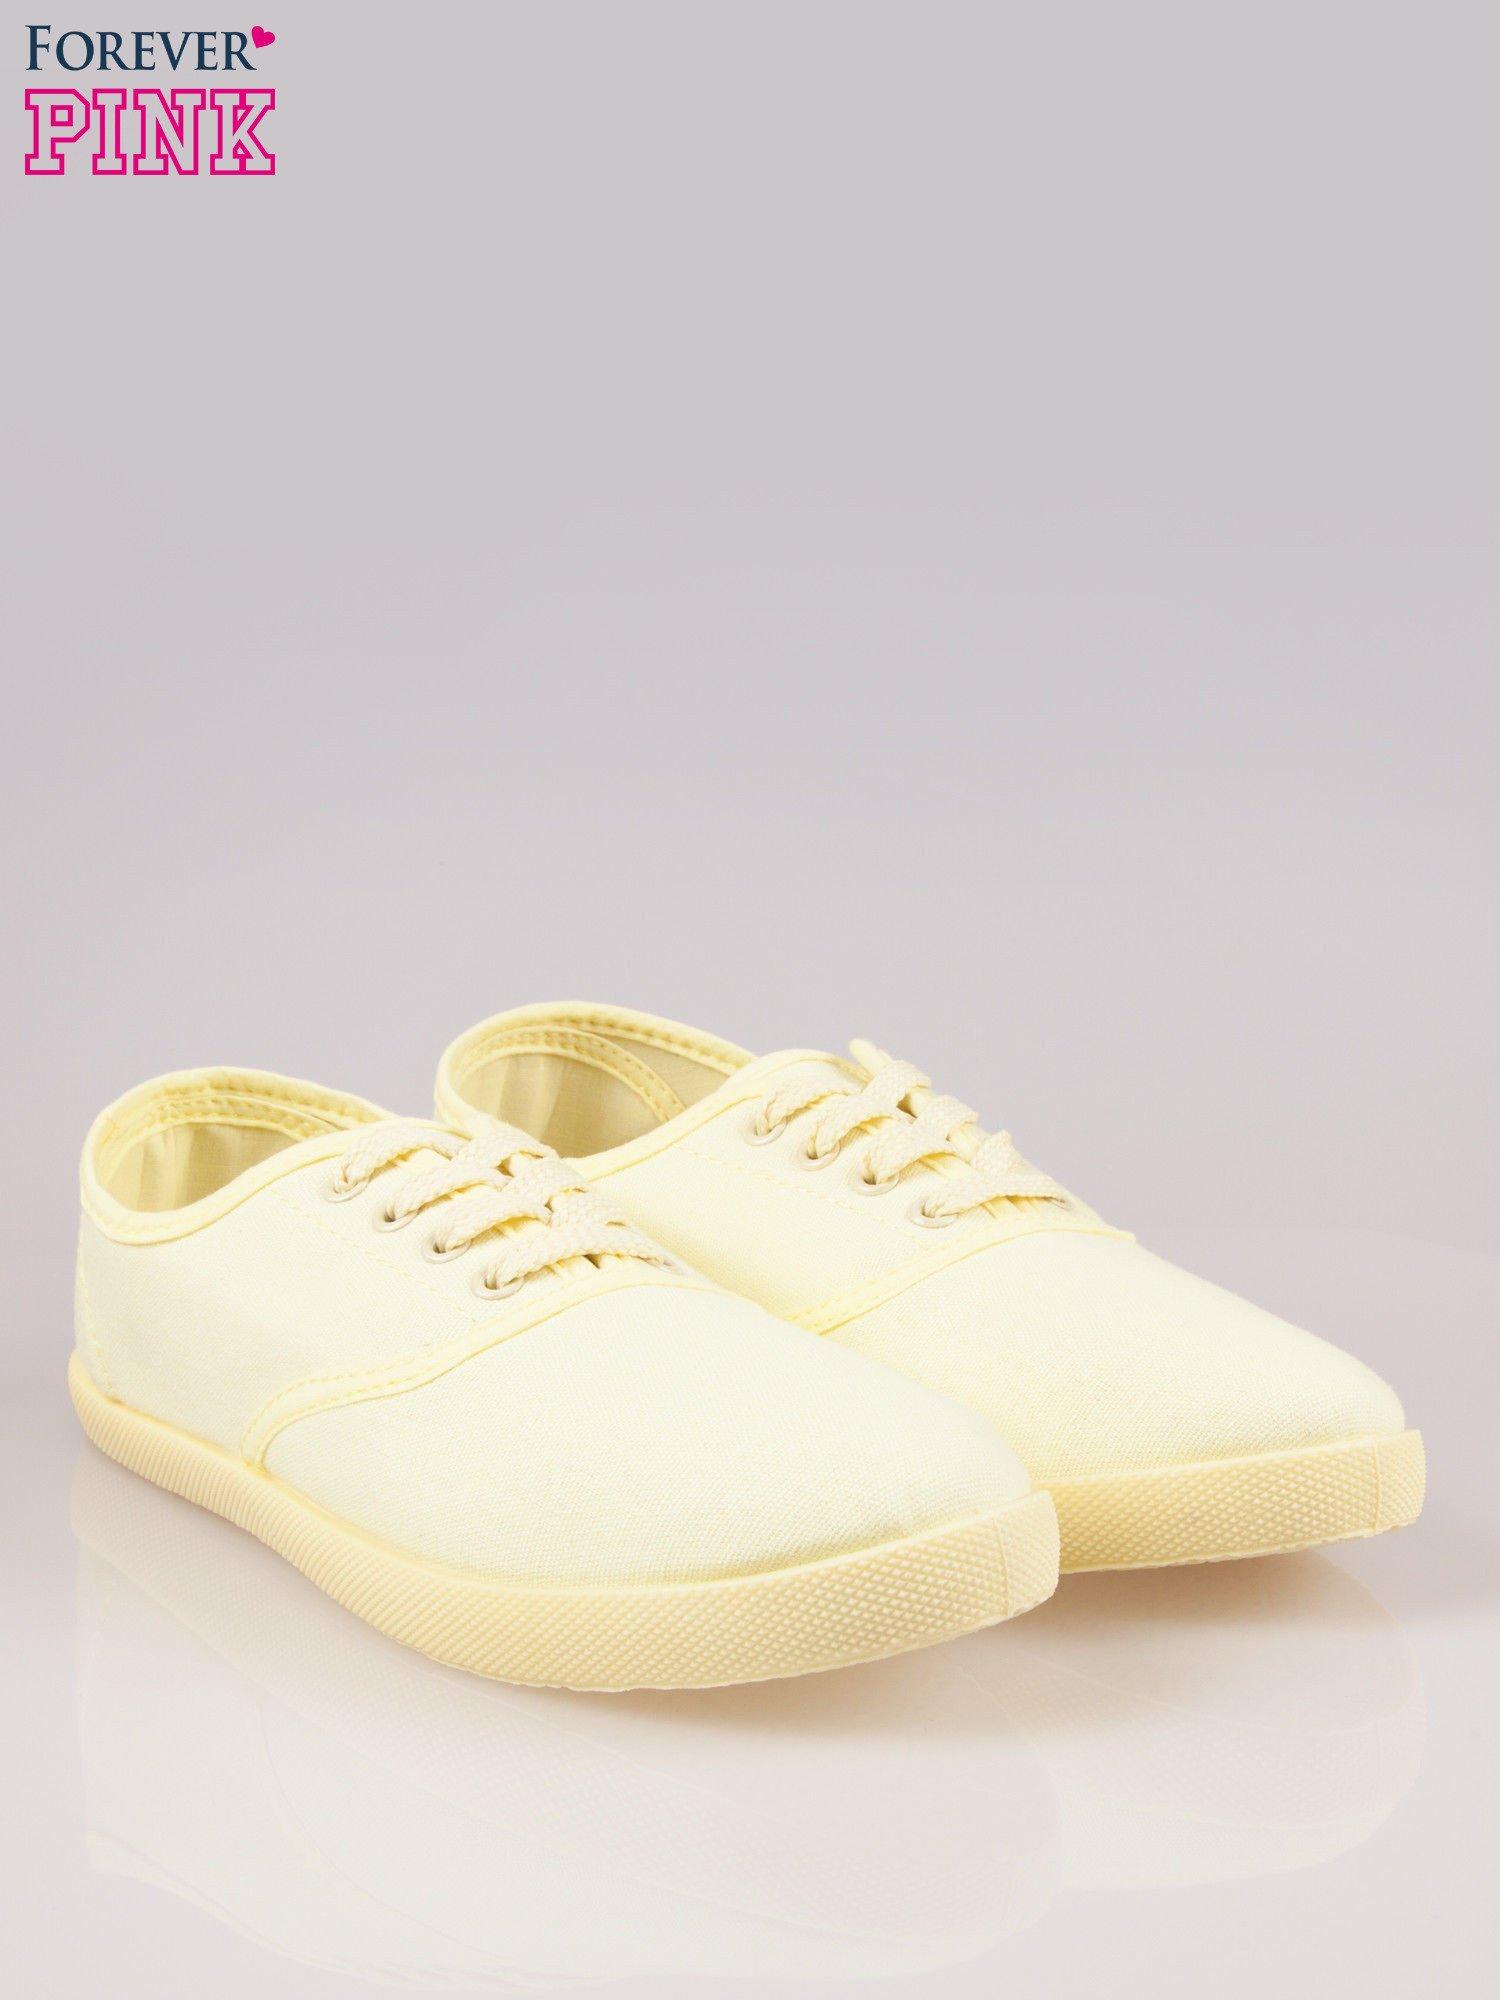 Żółtozielone tenisówki damskie                                  zdj.                                  2